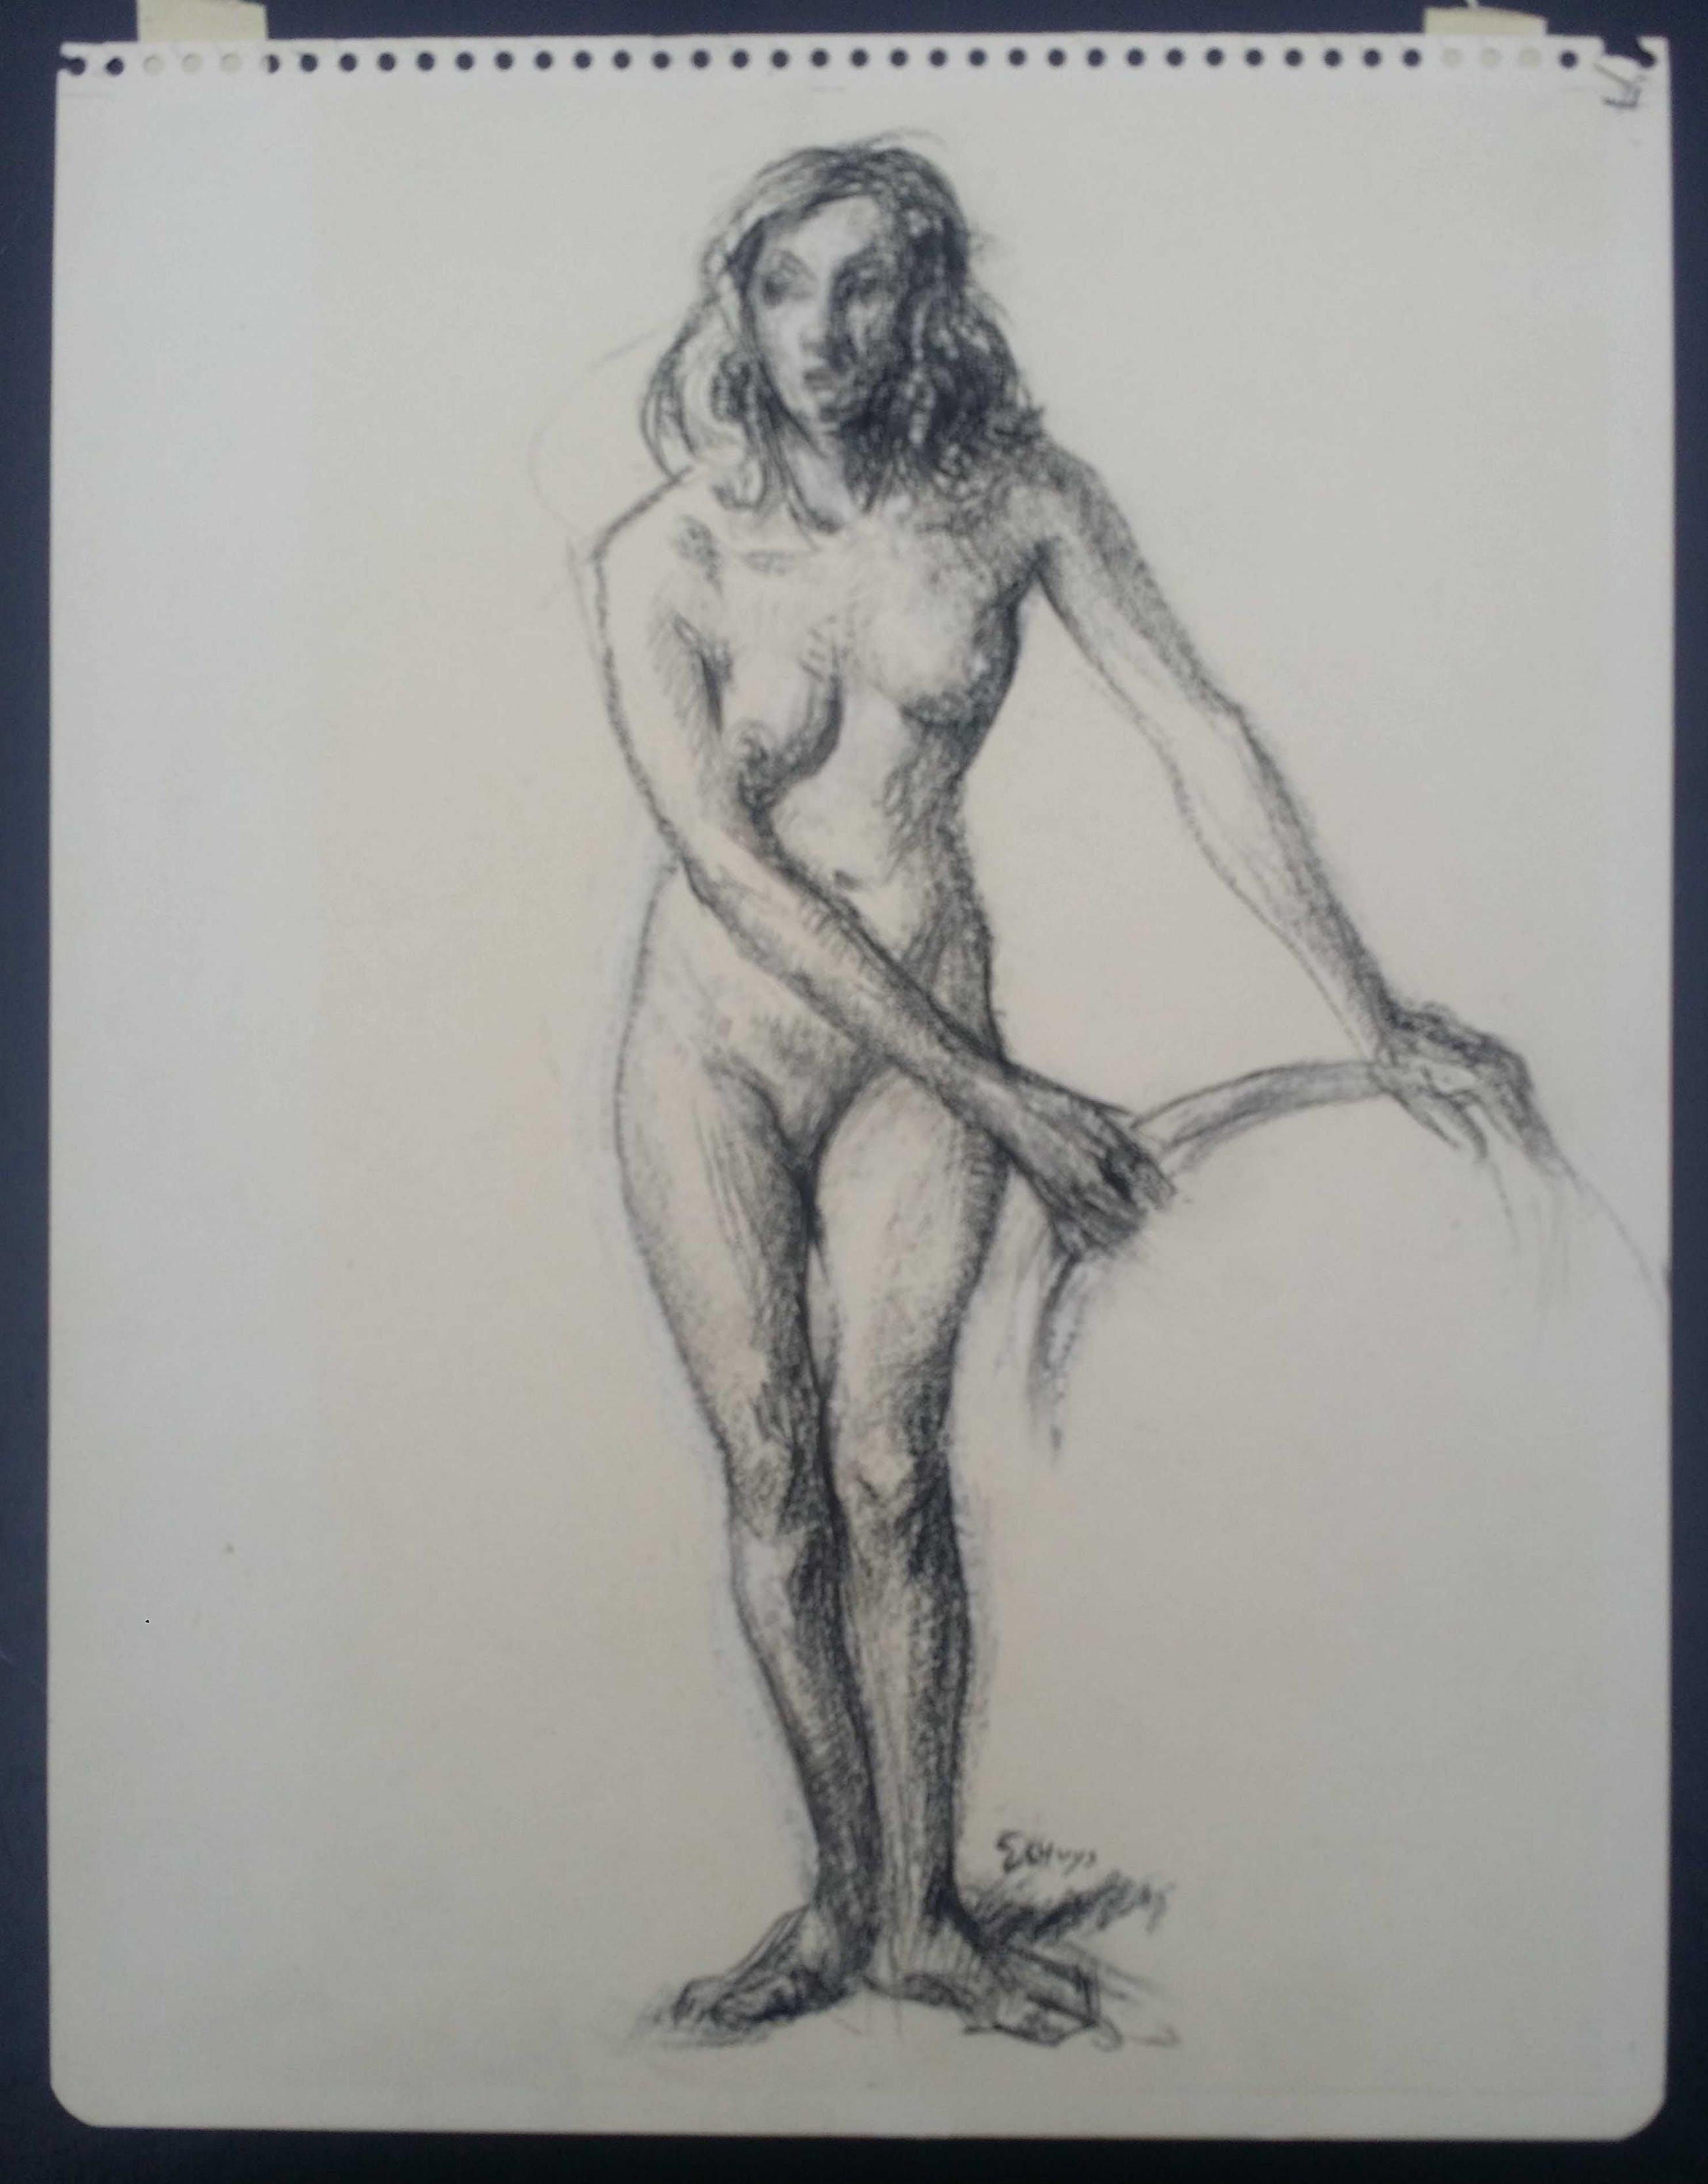 Hendrikus J. Eshuys - Naakt. Portret staande vrouw. kopen? Bied vanaf 35!